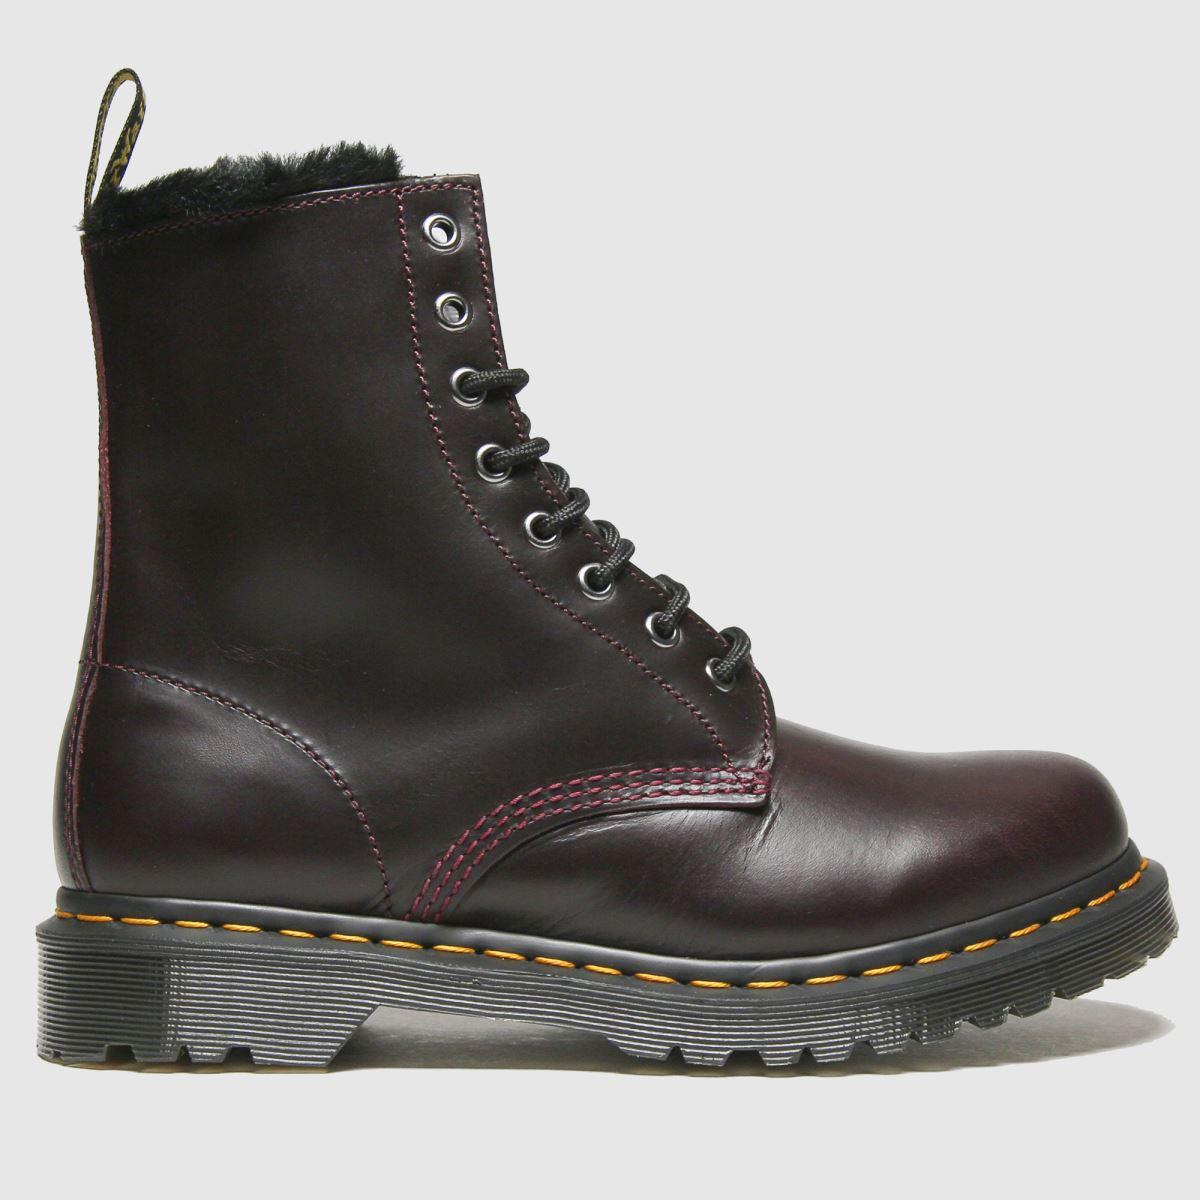 Dr Martens Burgundy 1460 Serena Boots